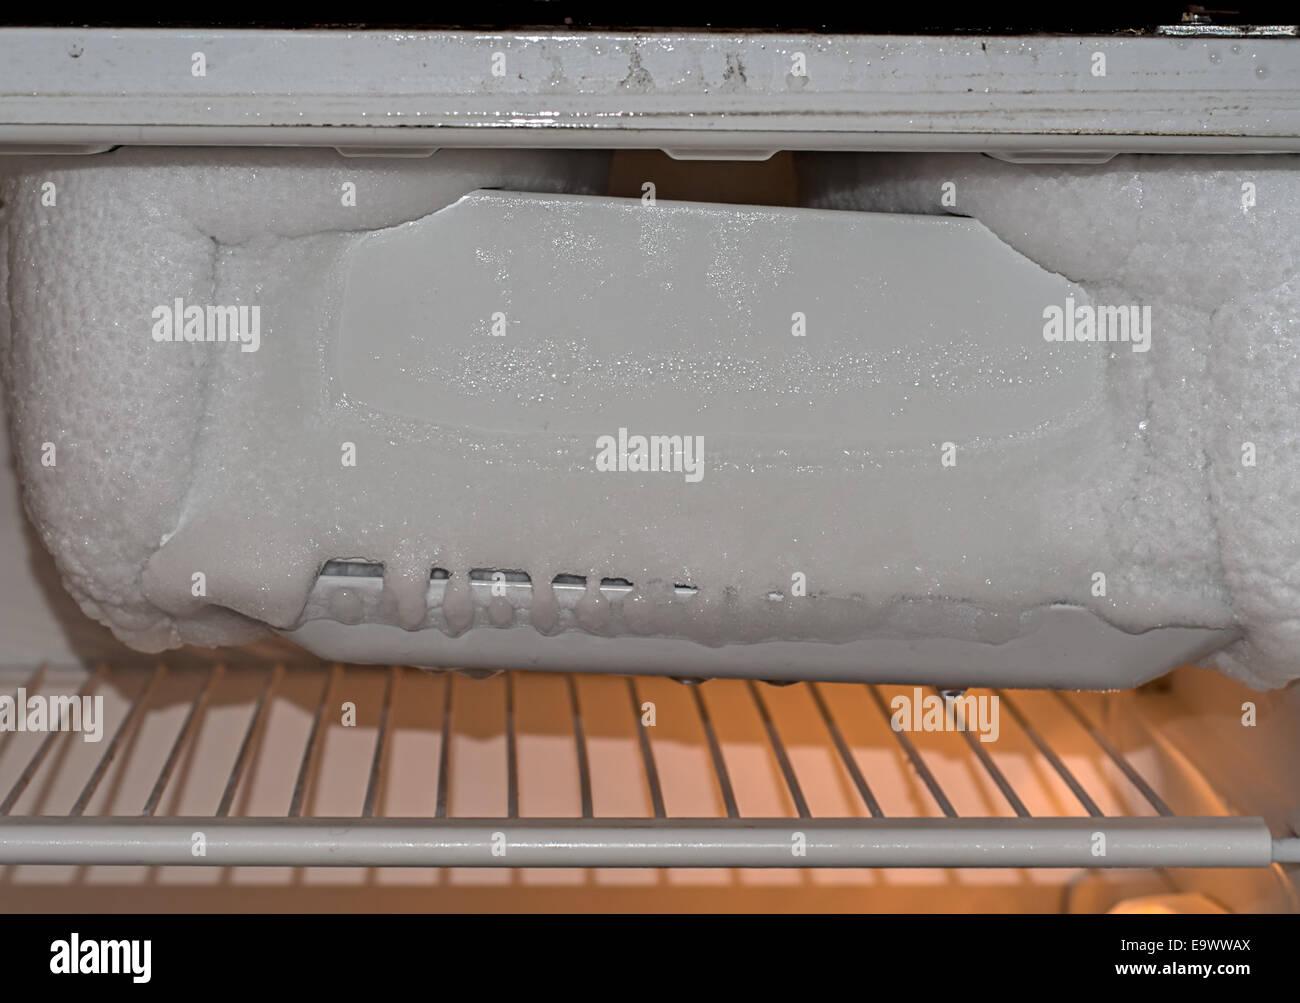 Smeg Kühlschrank Enteisen : Alter kühlschrank stockfotos alter kühlschrank bilder alamy